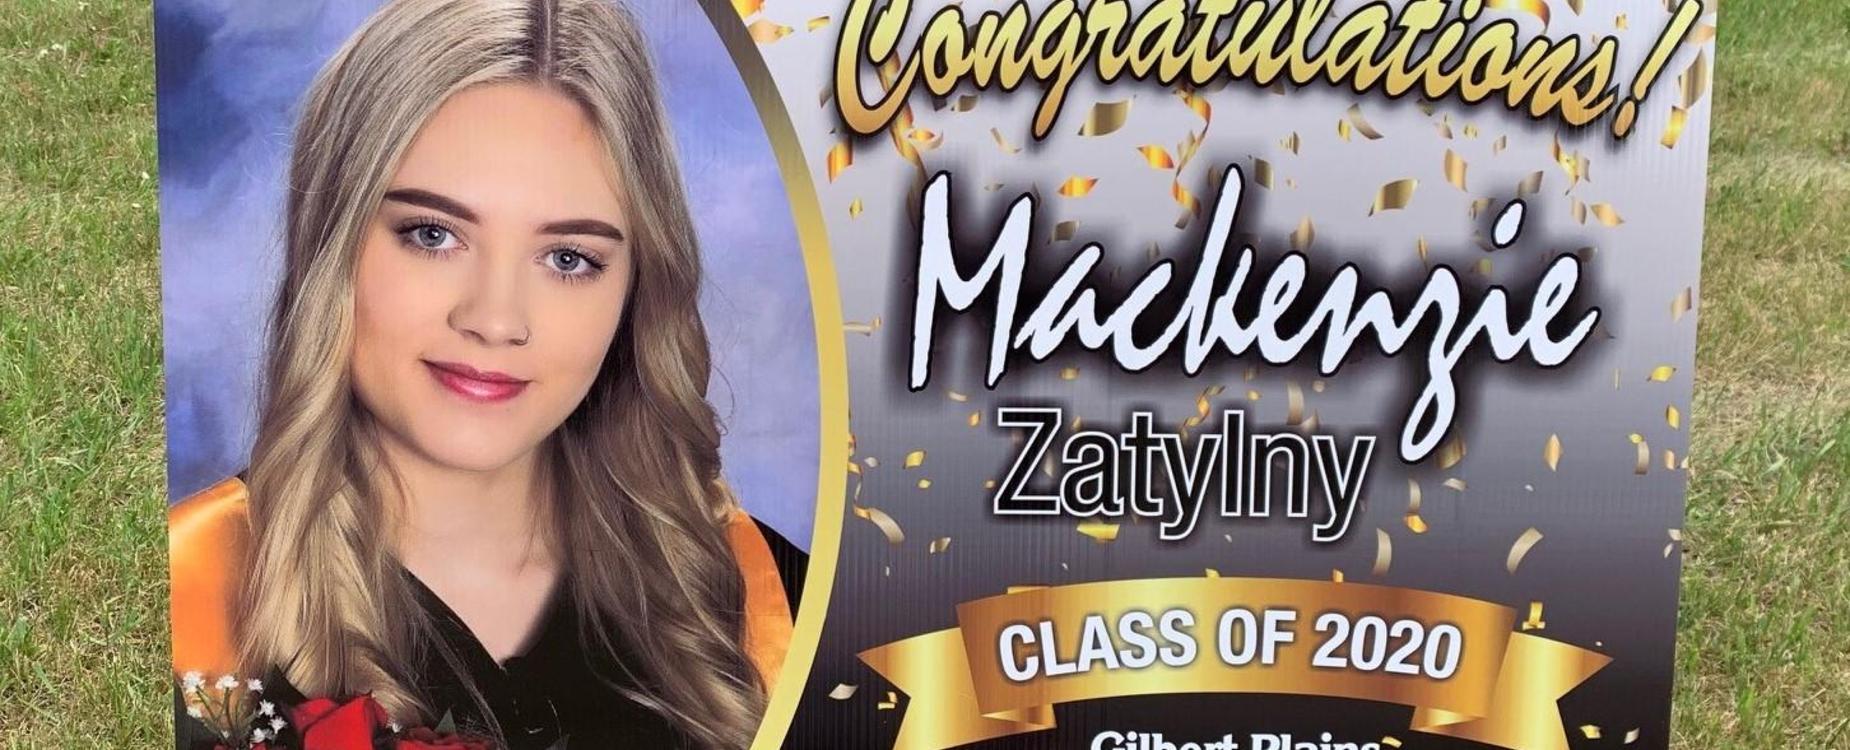 Mackenzie Zatylny